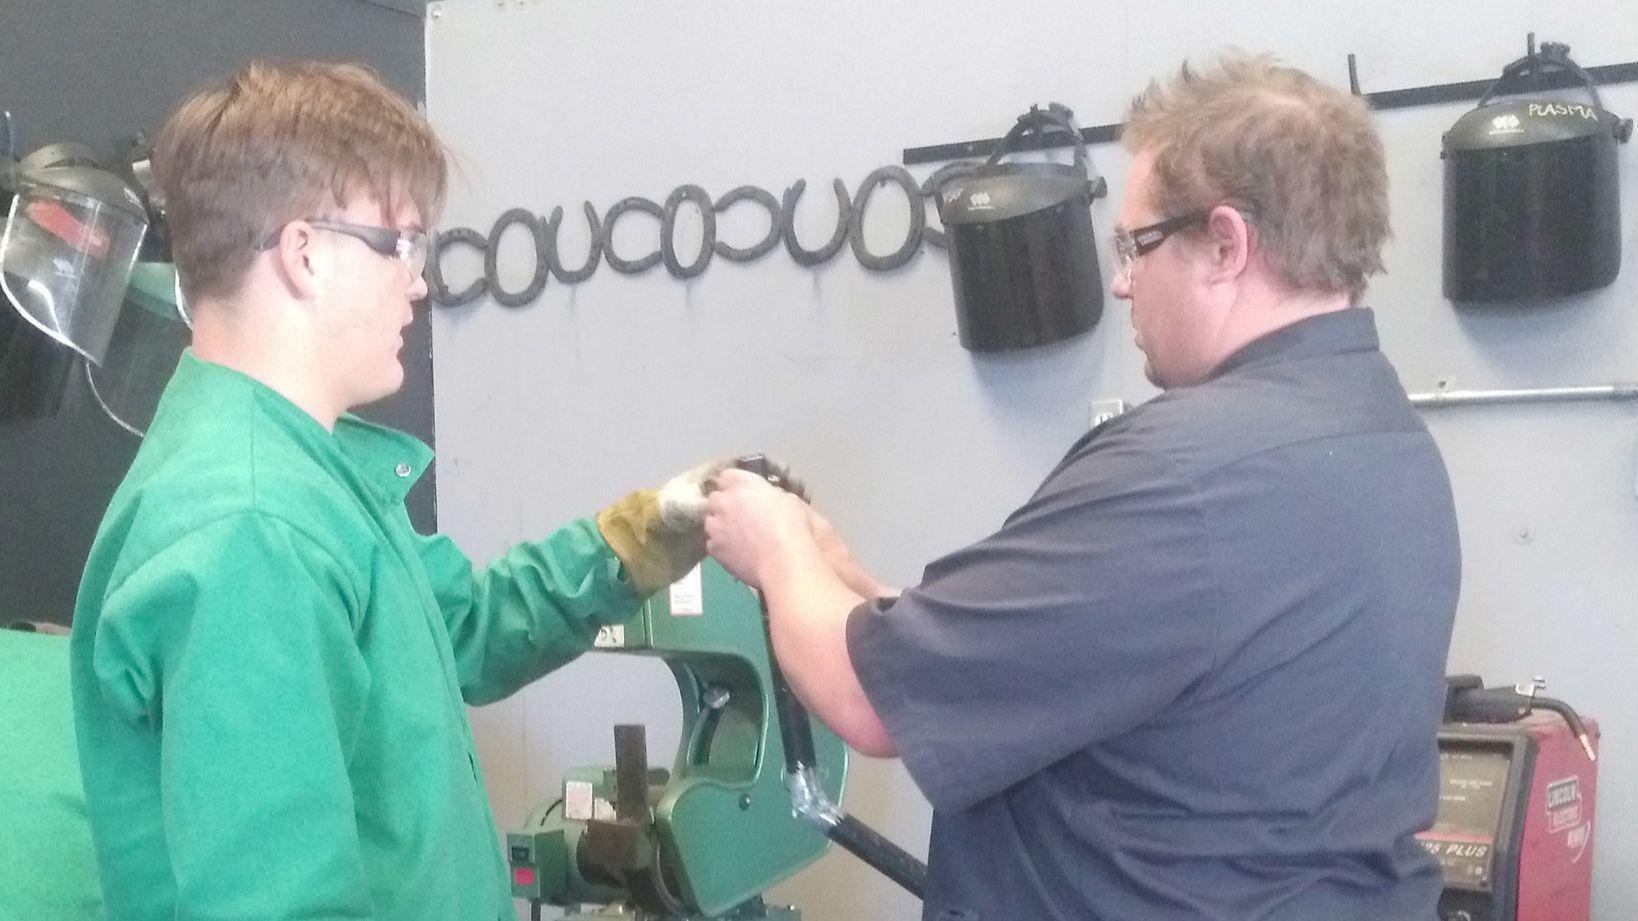 Ramona High sophomore Bryan Schreiber, left, gets advice from welding teacher Matthew Funkhouser.